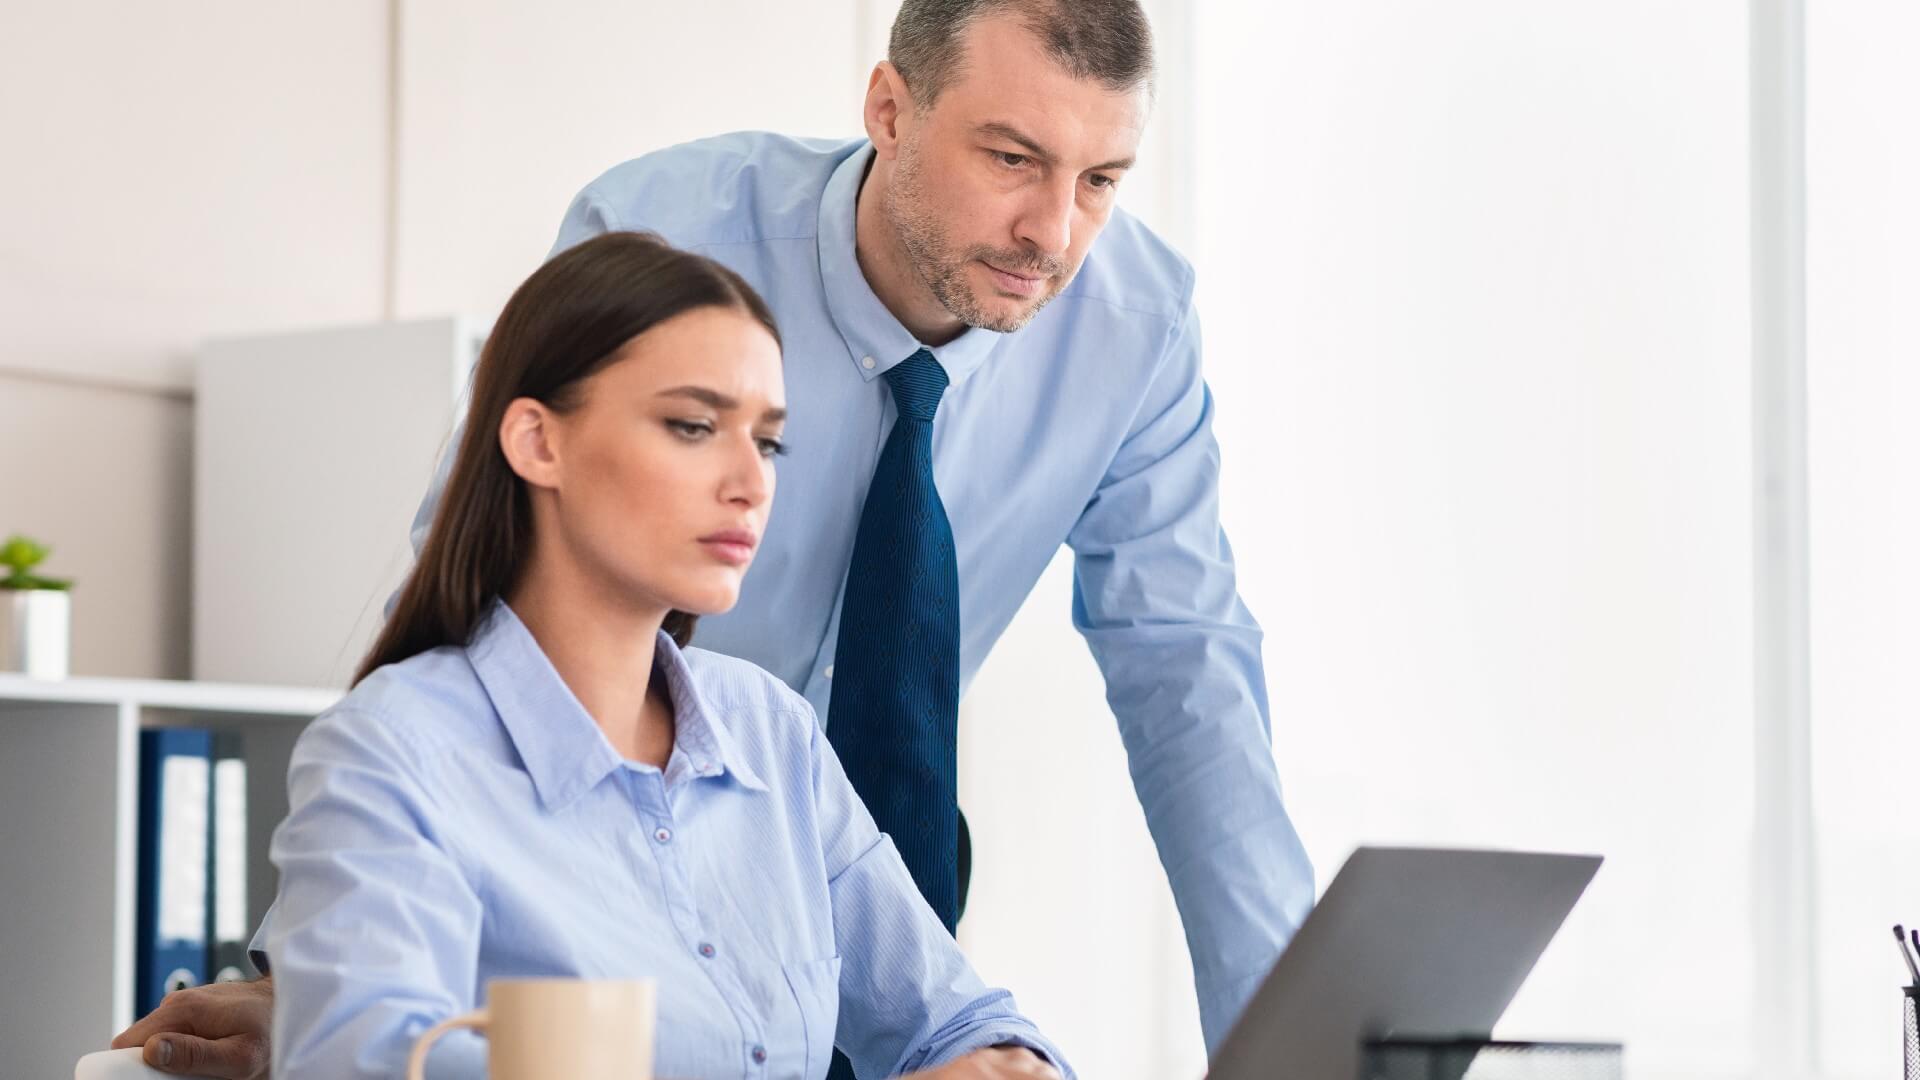 אפליה במקום העבודה